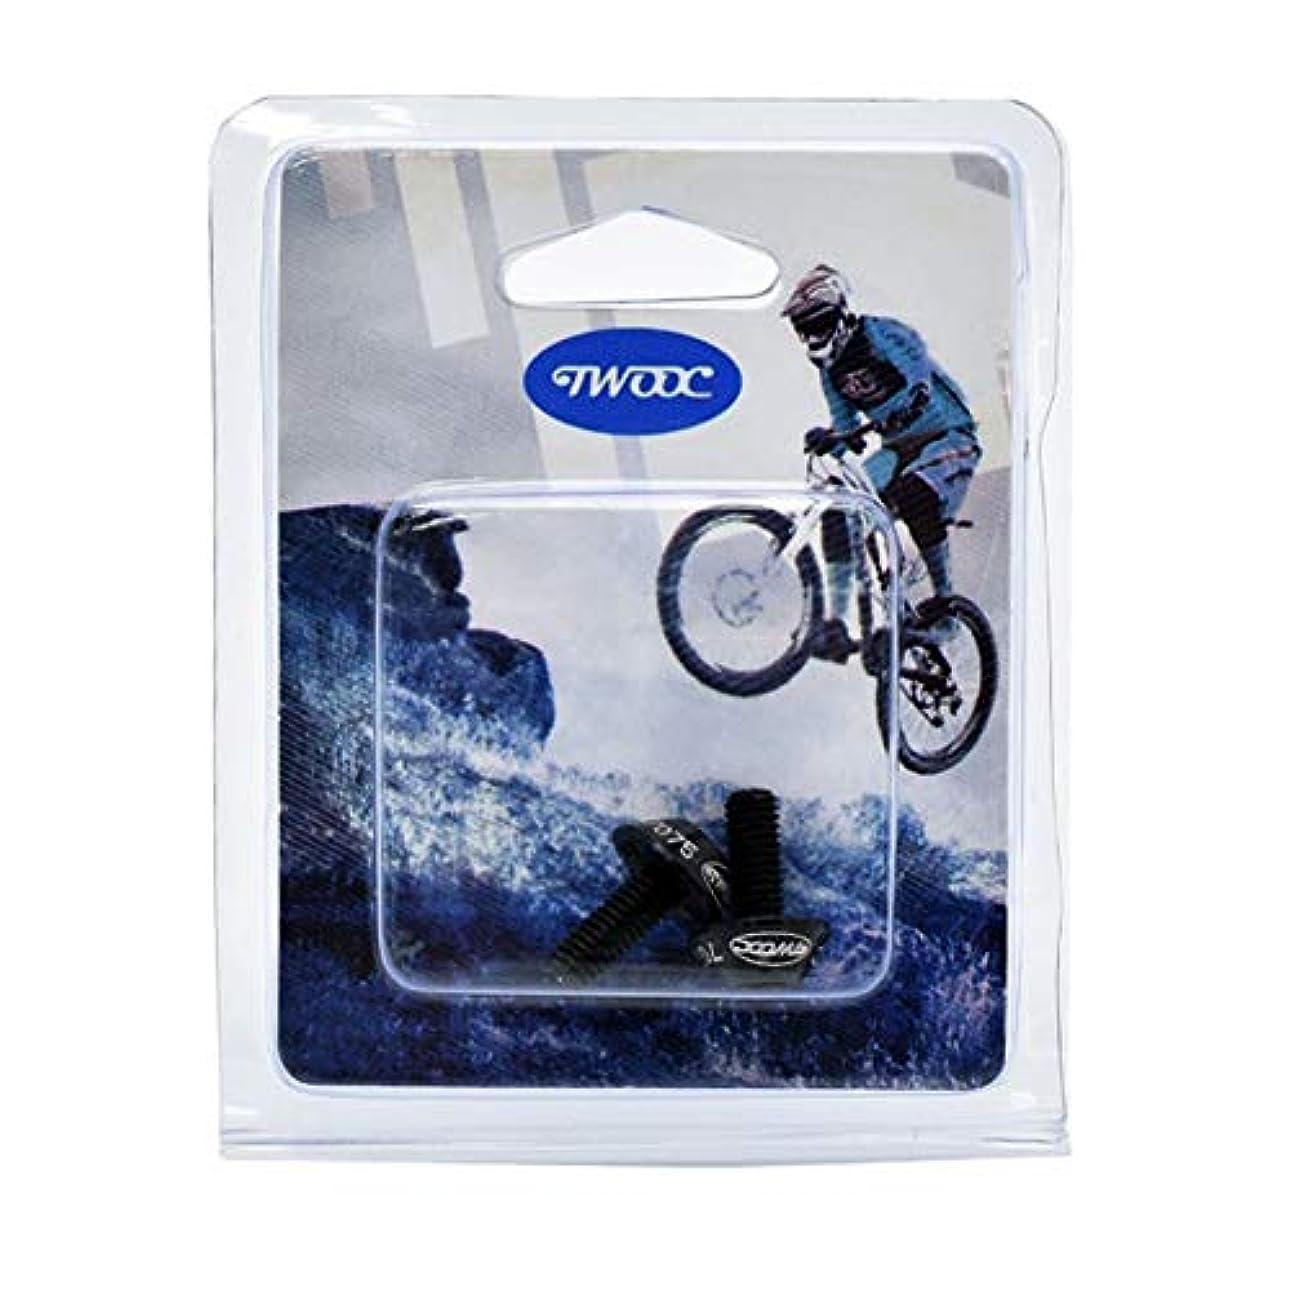 転送境界量でTWOOC 2PCS自転車の水ボトルケージボルトCNCアルミ合金M5は* 12ミリメートルネジ